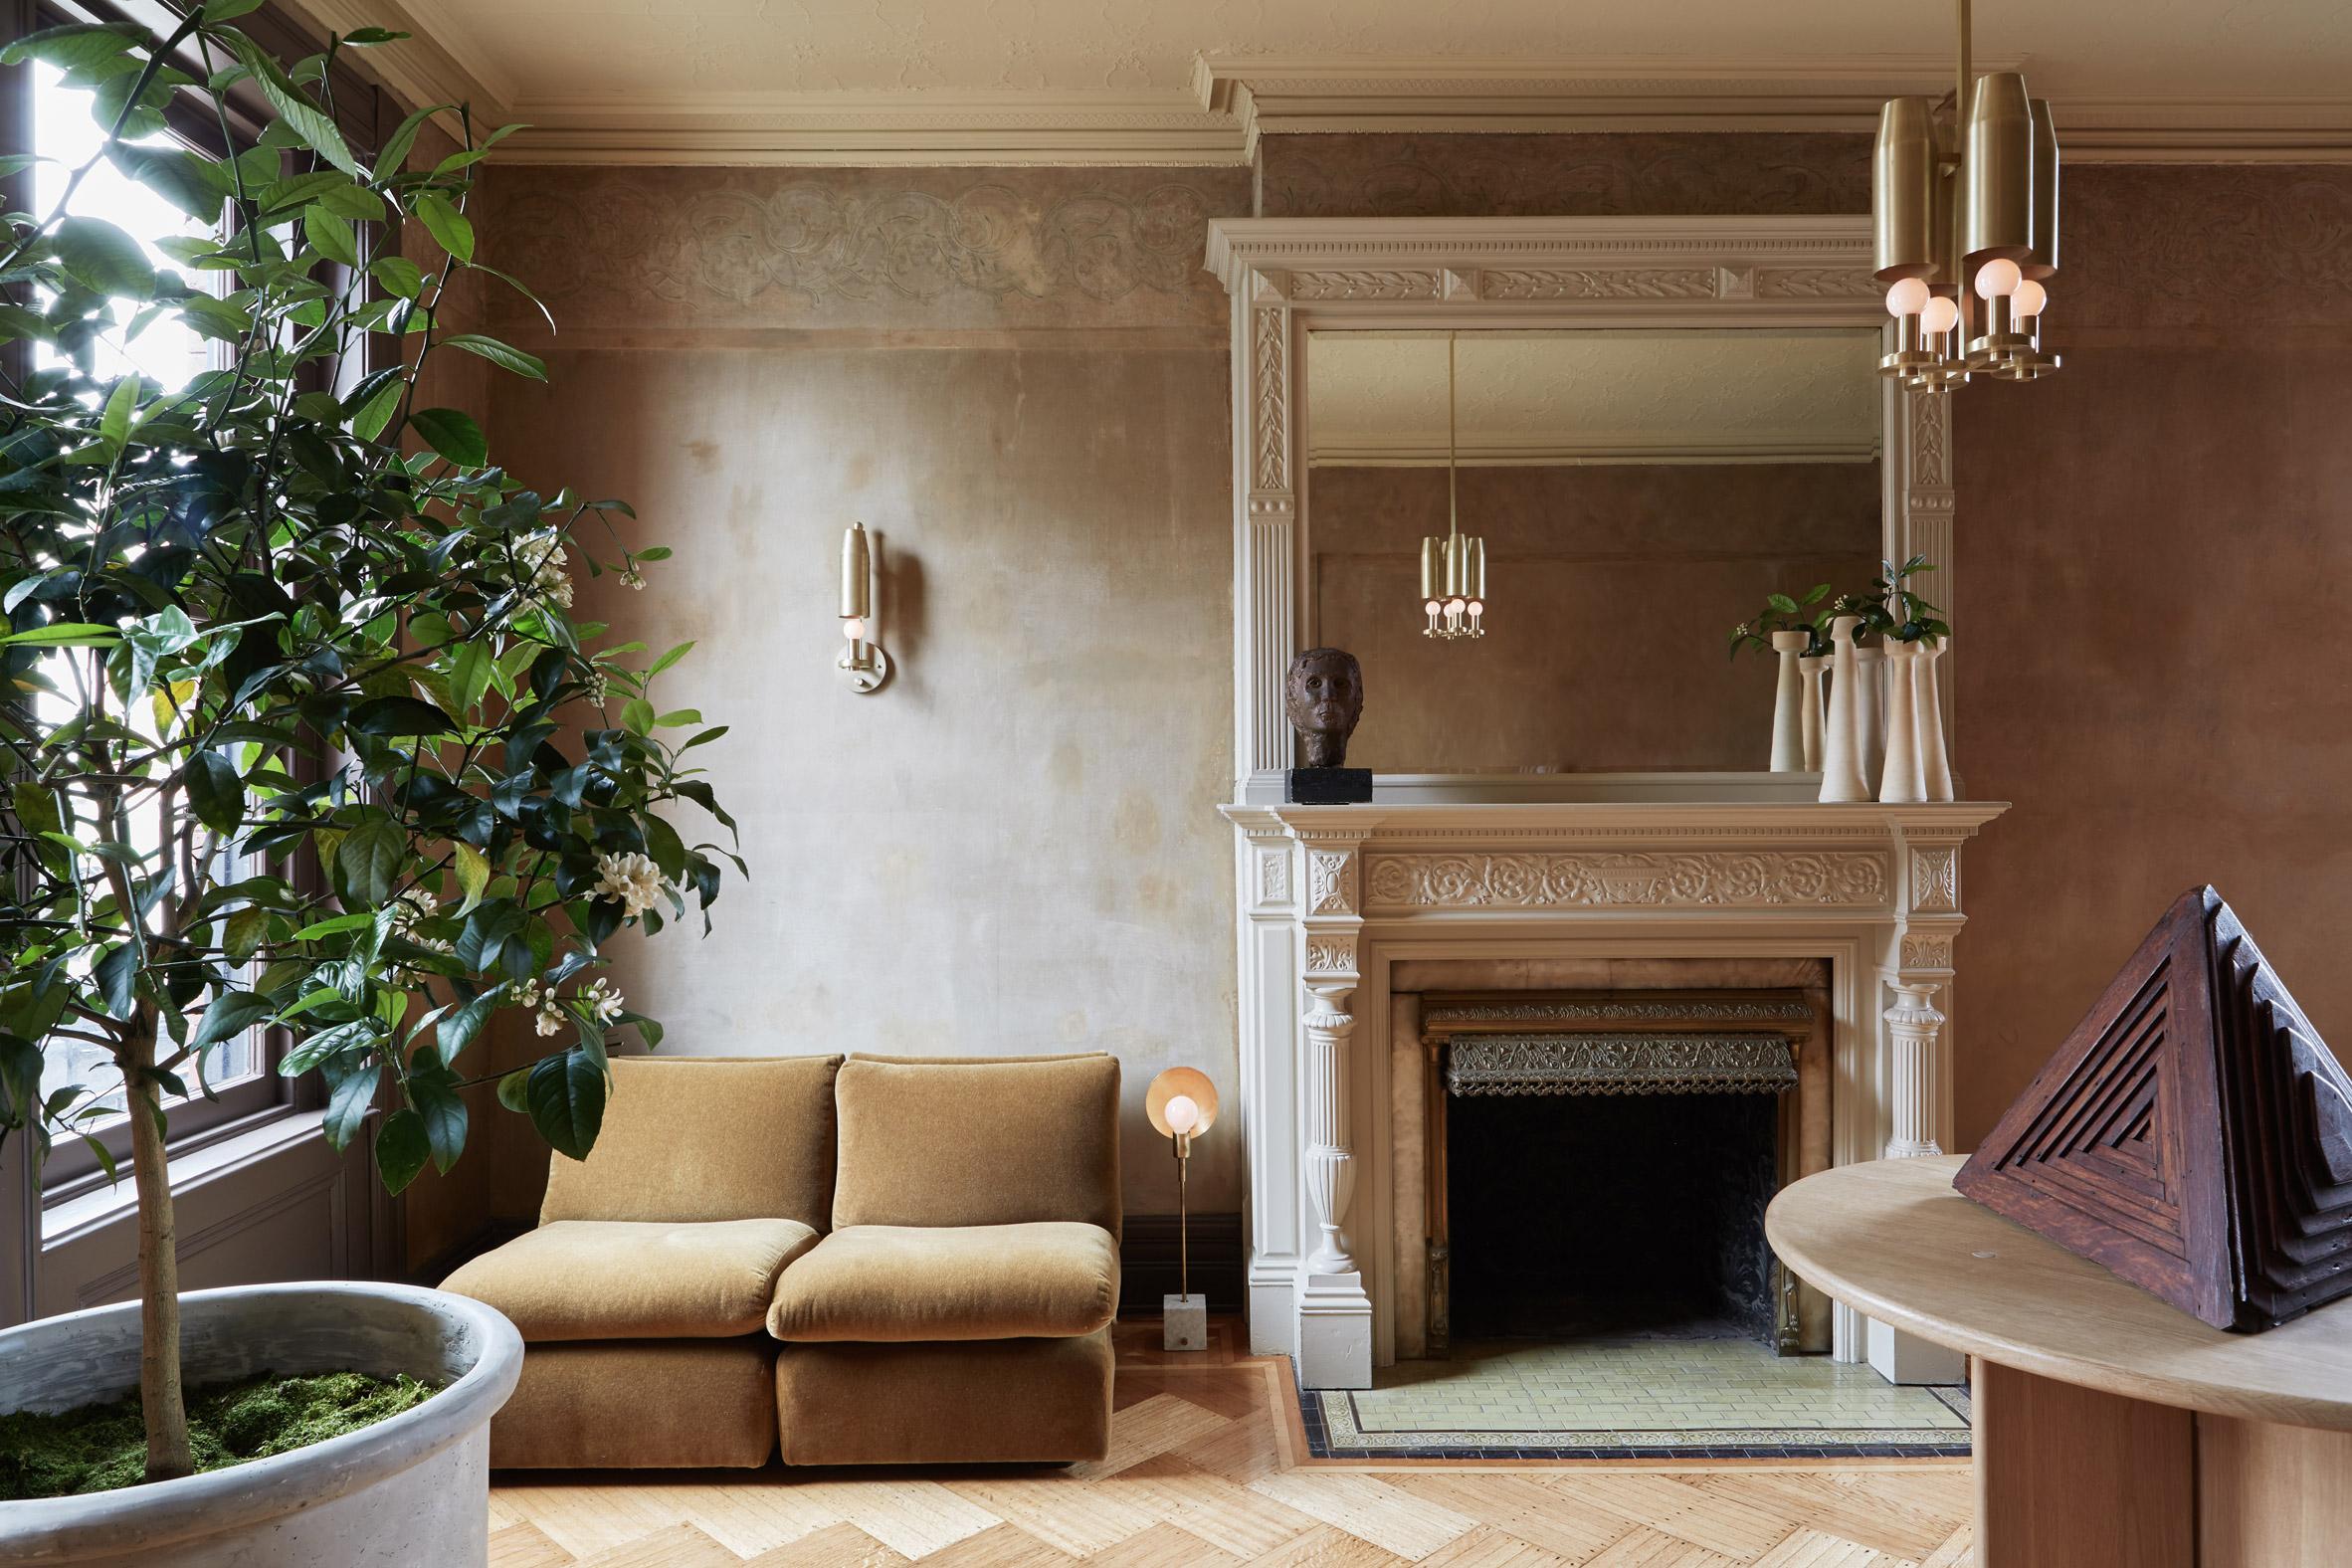 Thiết kế nội thất căn hộ cao cấp 1